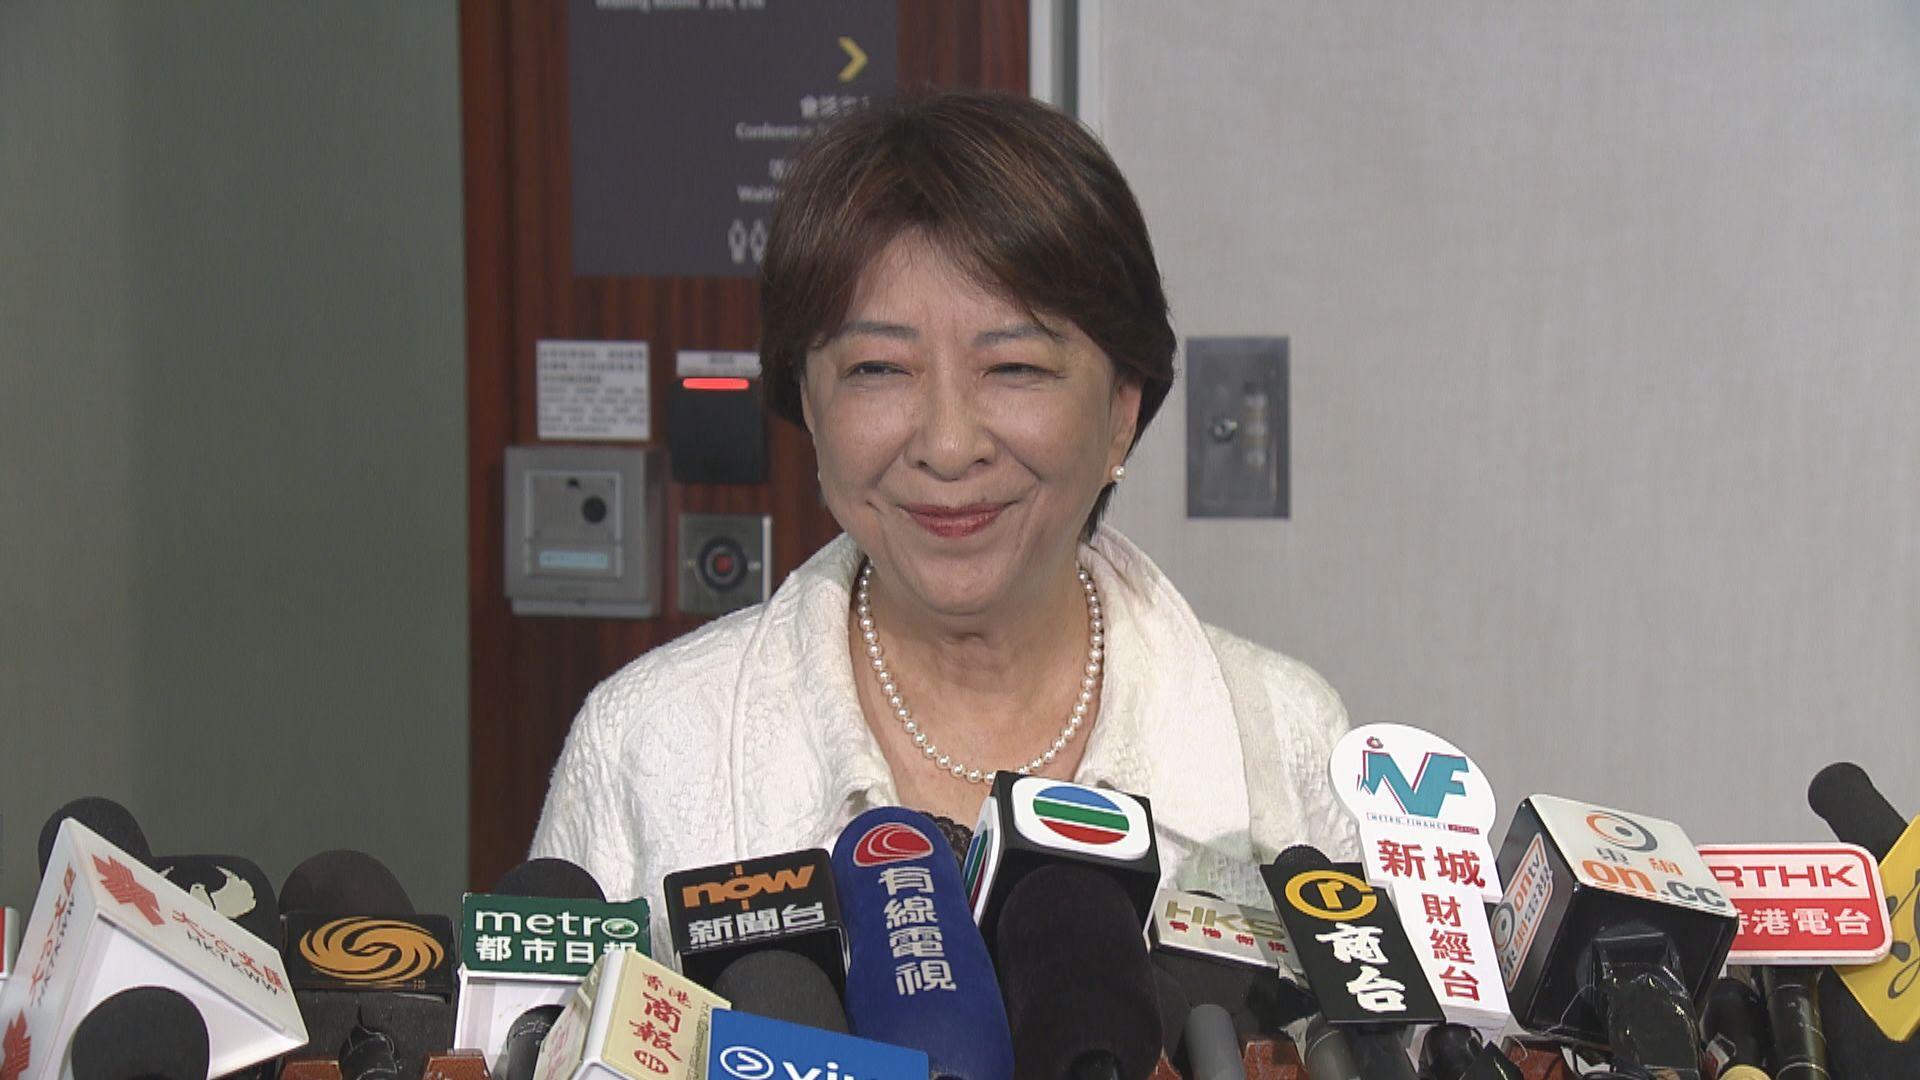 蔣麗芸去信警務處促停發不反對通知書